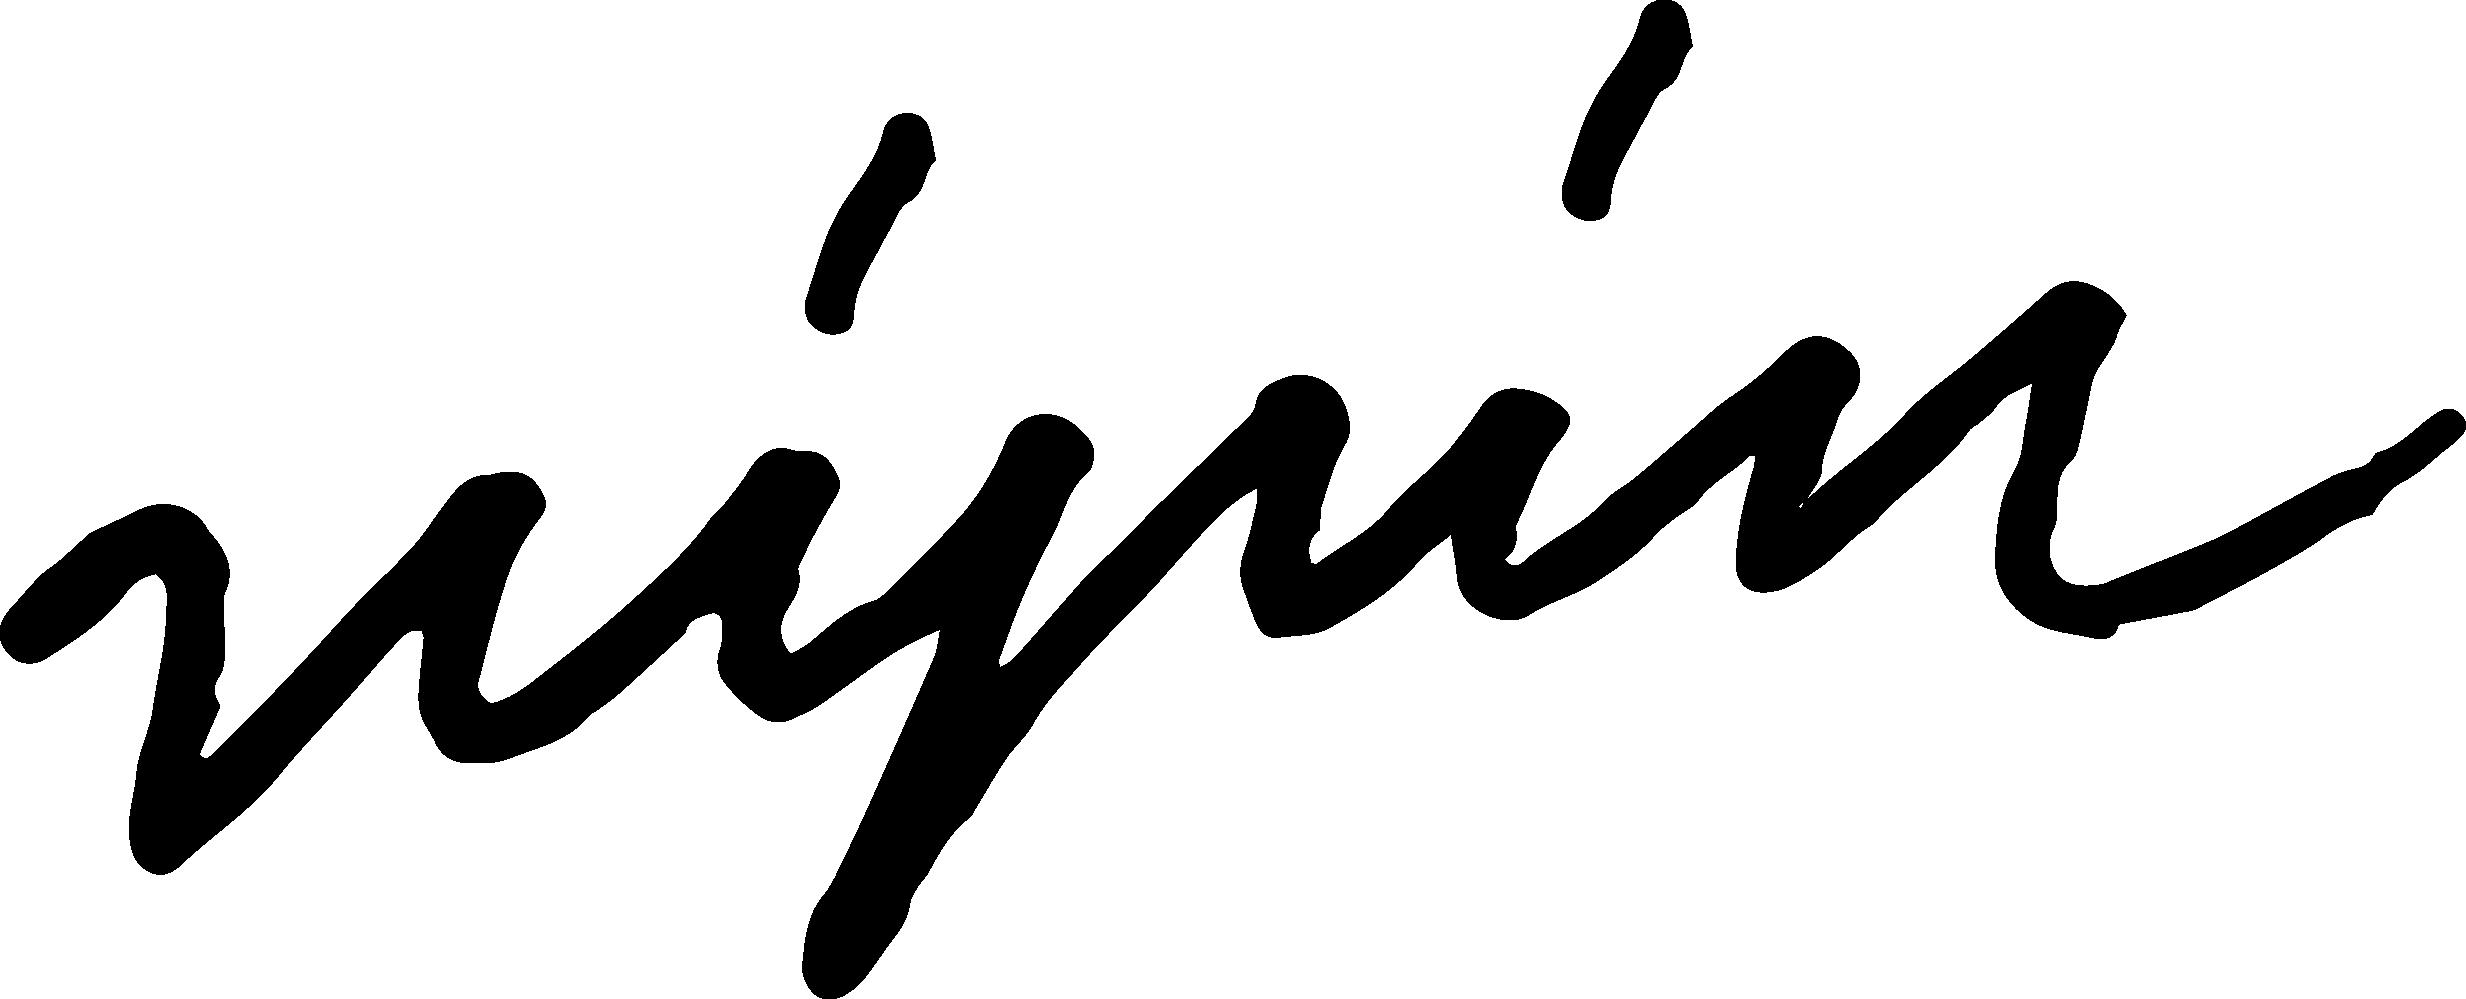 Vipin Udayanan's Signature